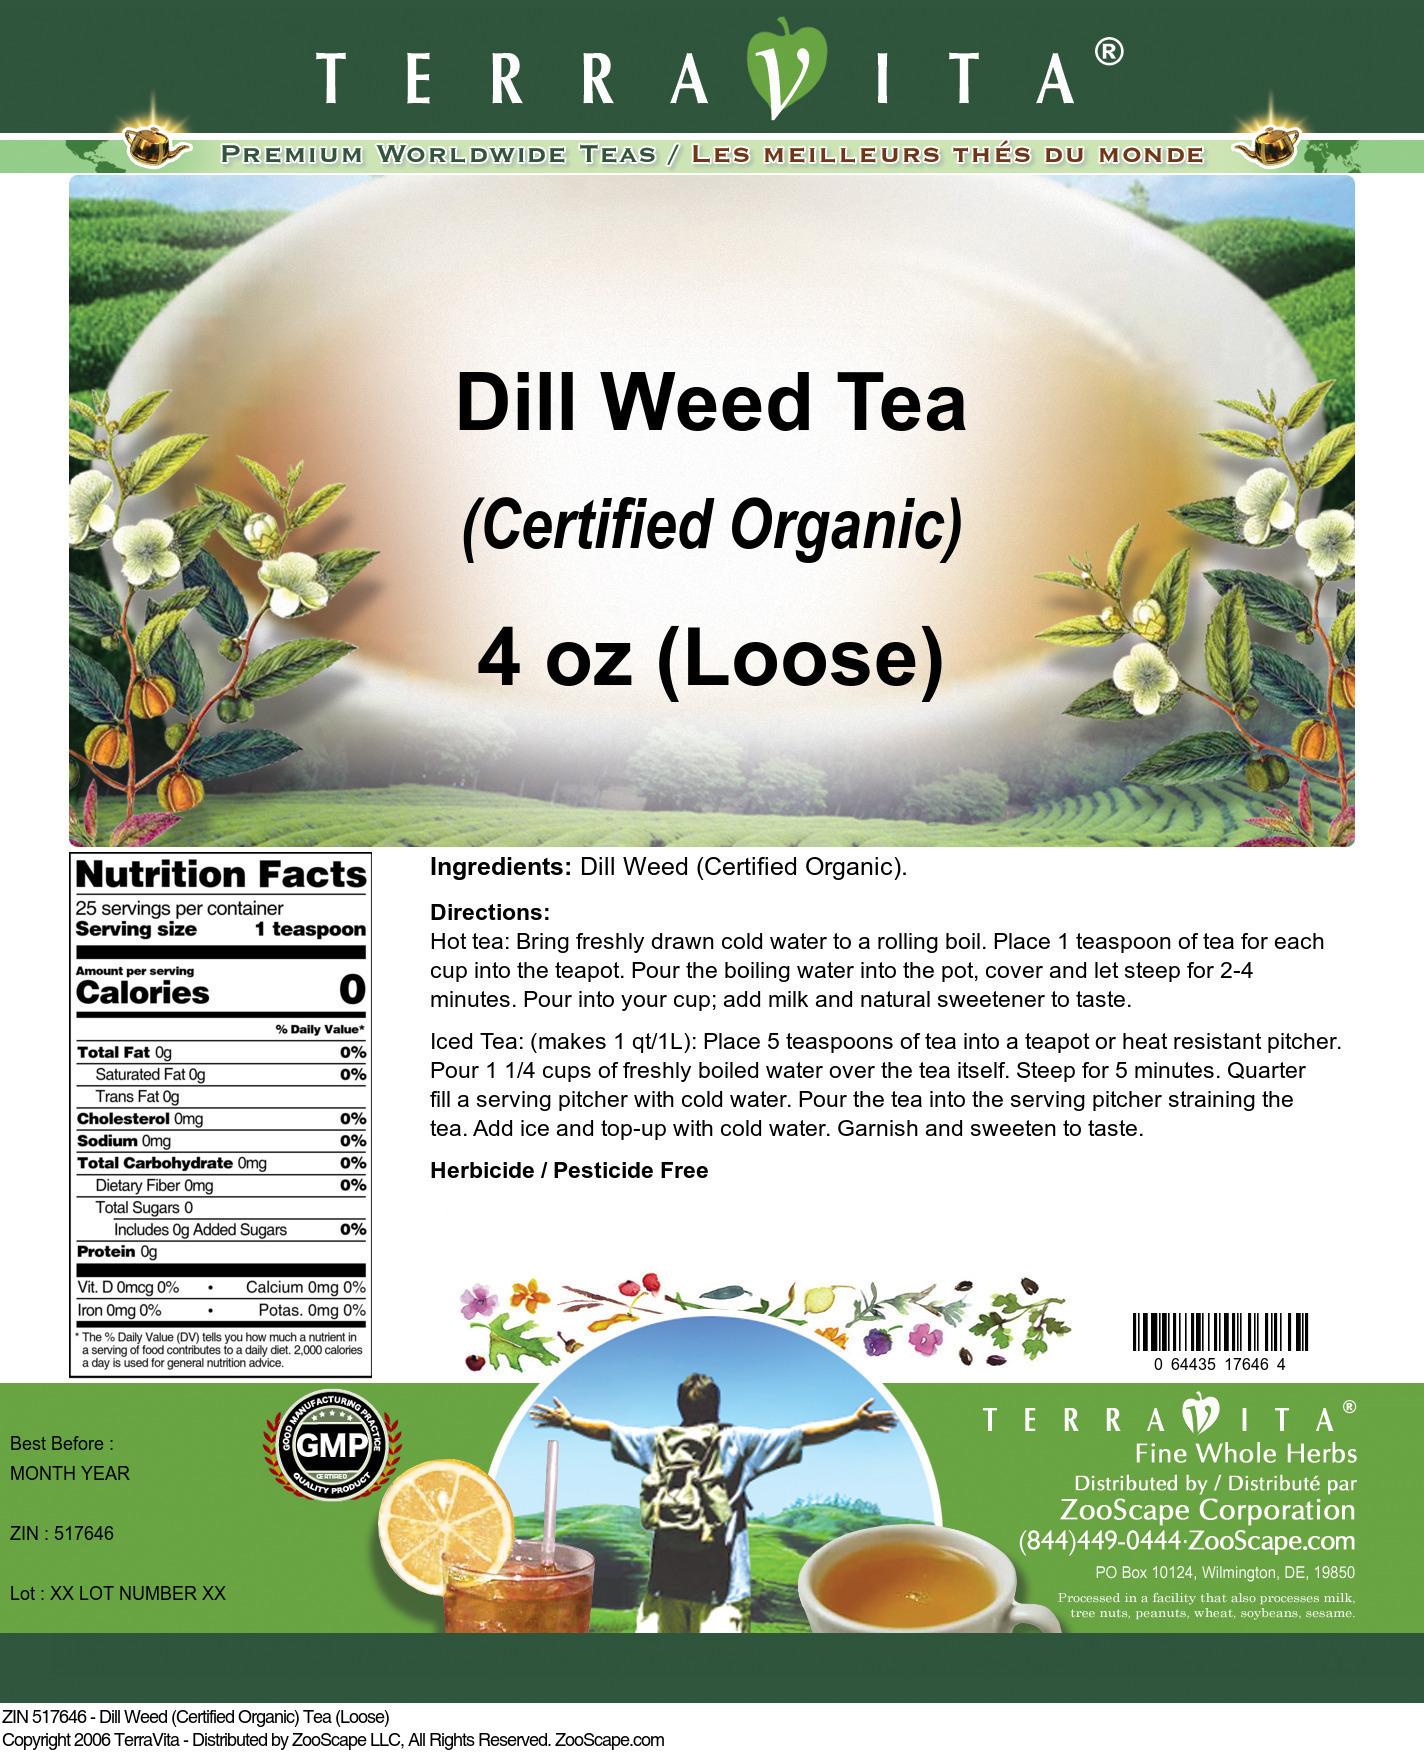 Dill Weed (Certified Organic) Tea (Loose)